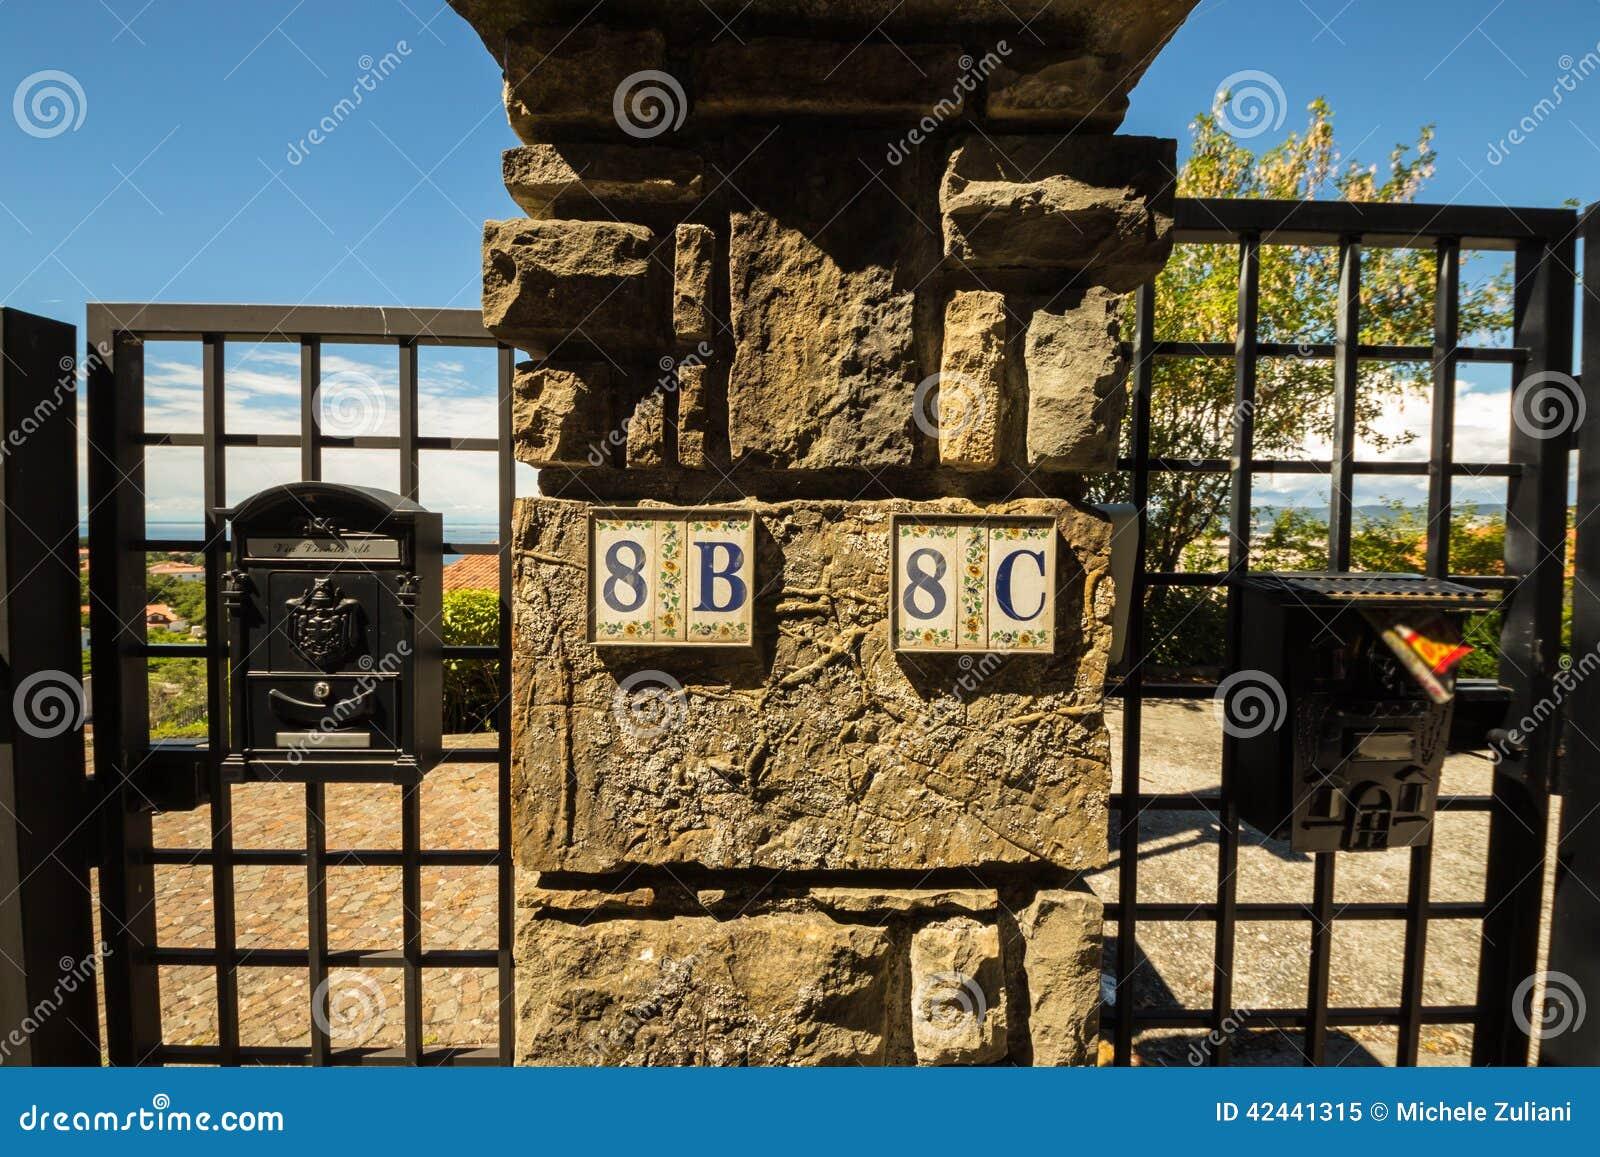 Números de la calle de un pueblo italiano